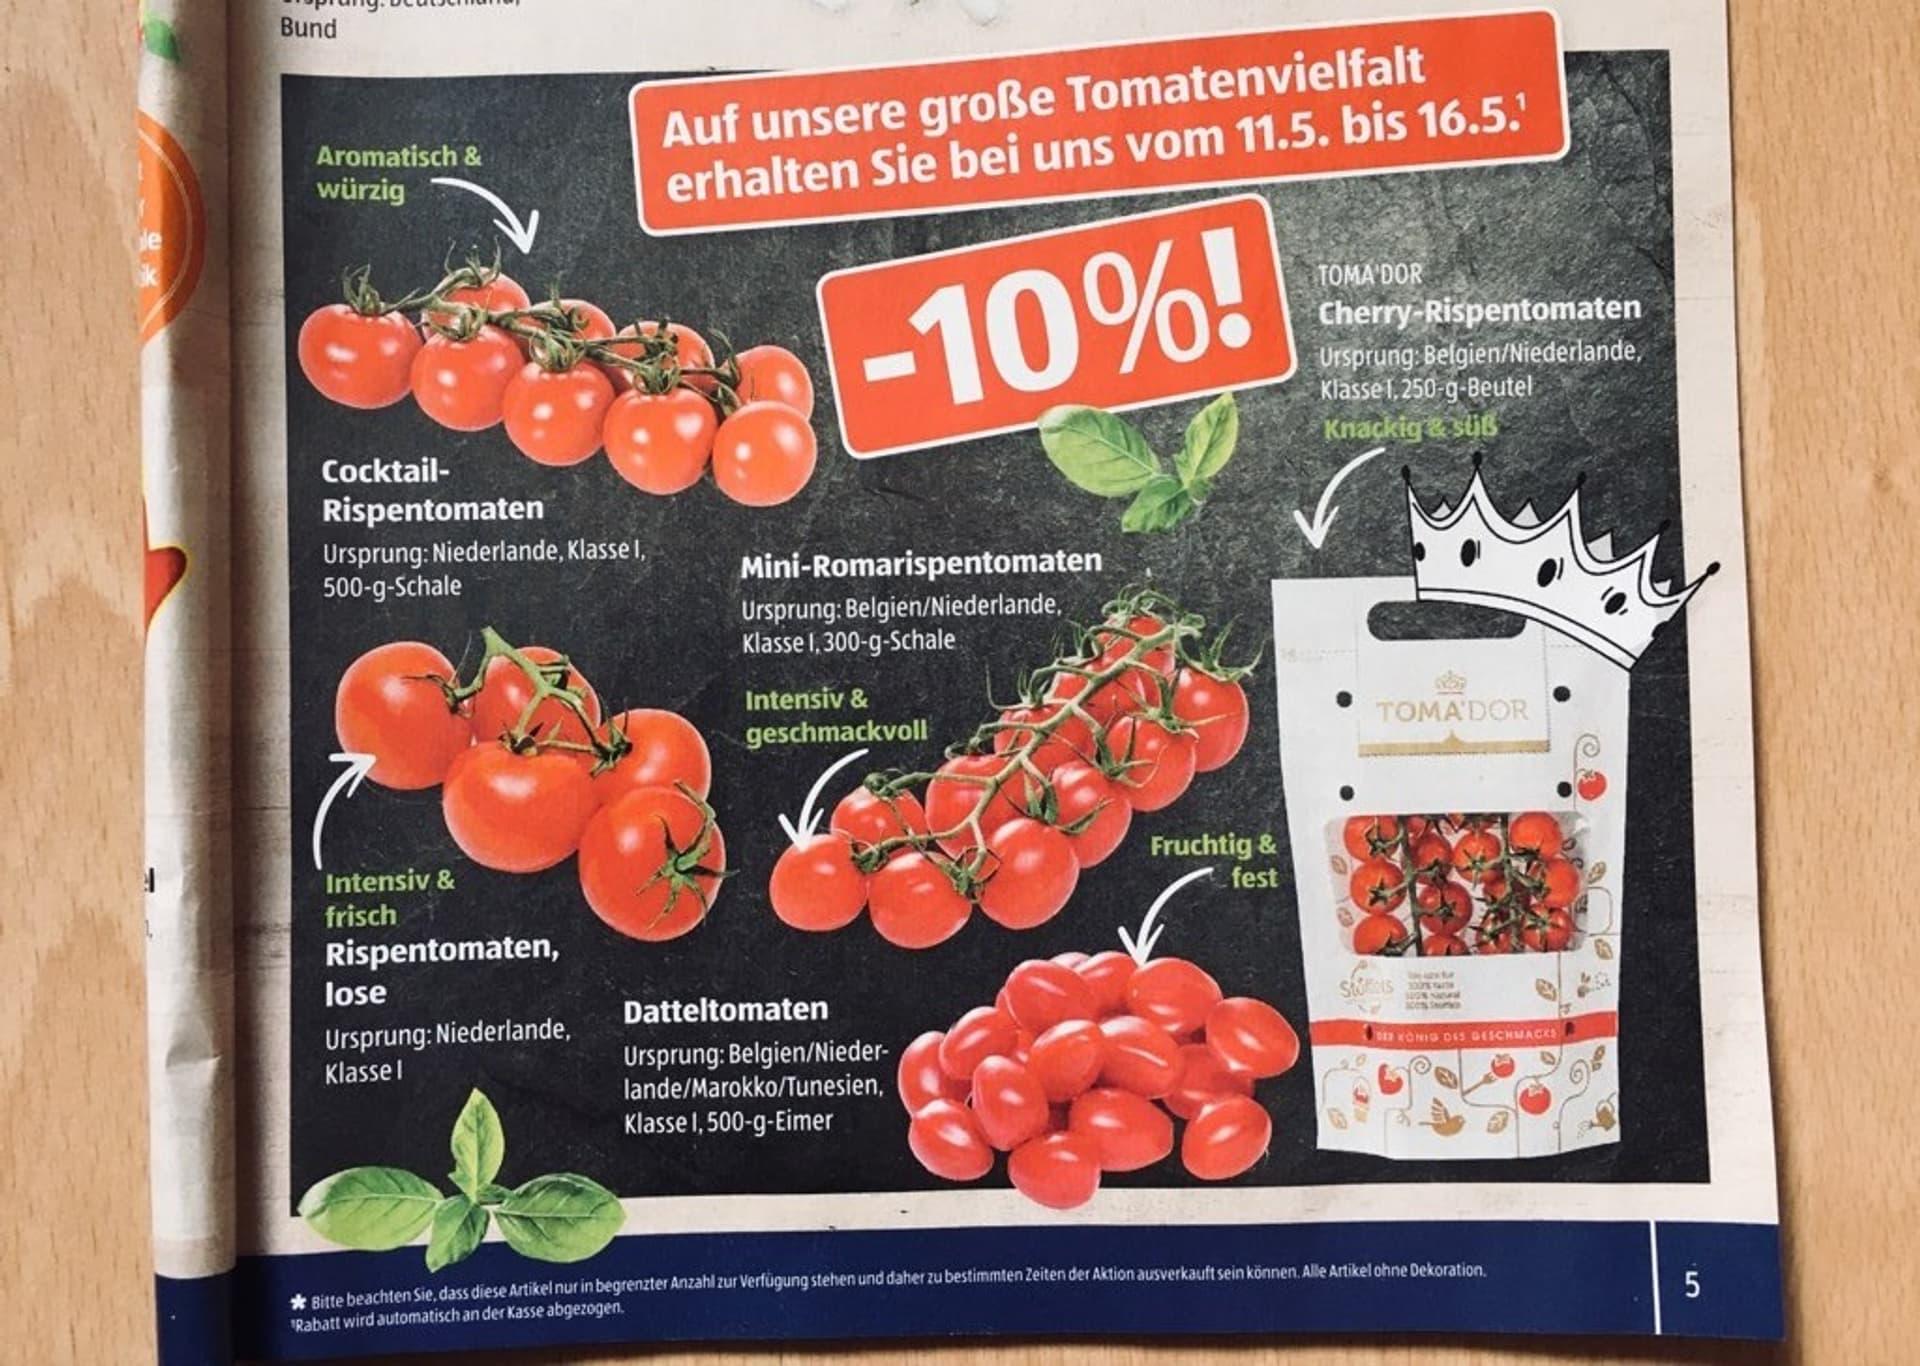 Tomaten in der Aldi-Werbung